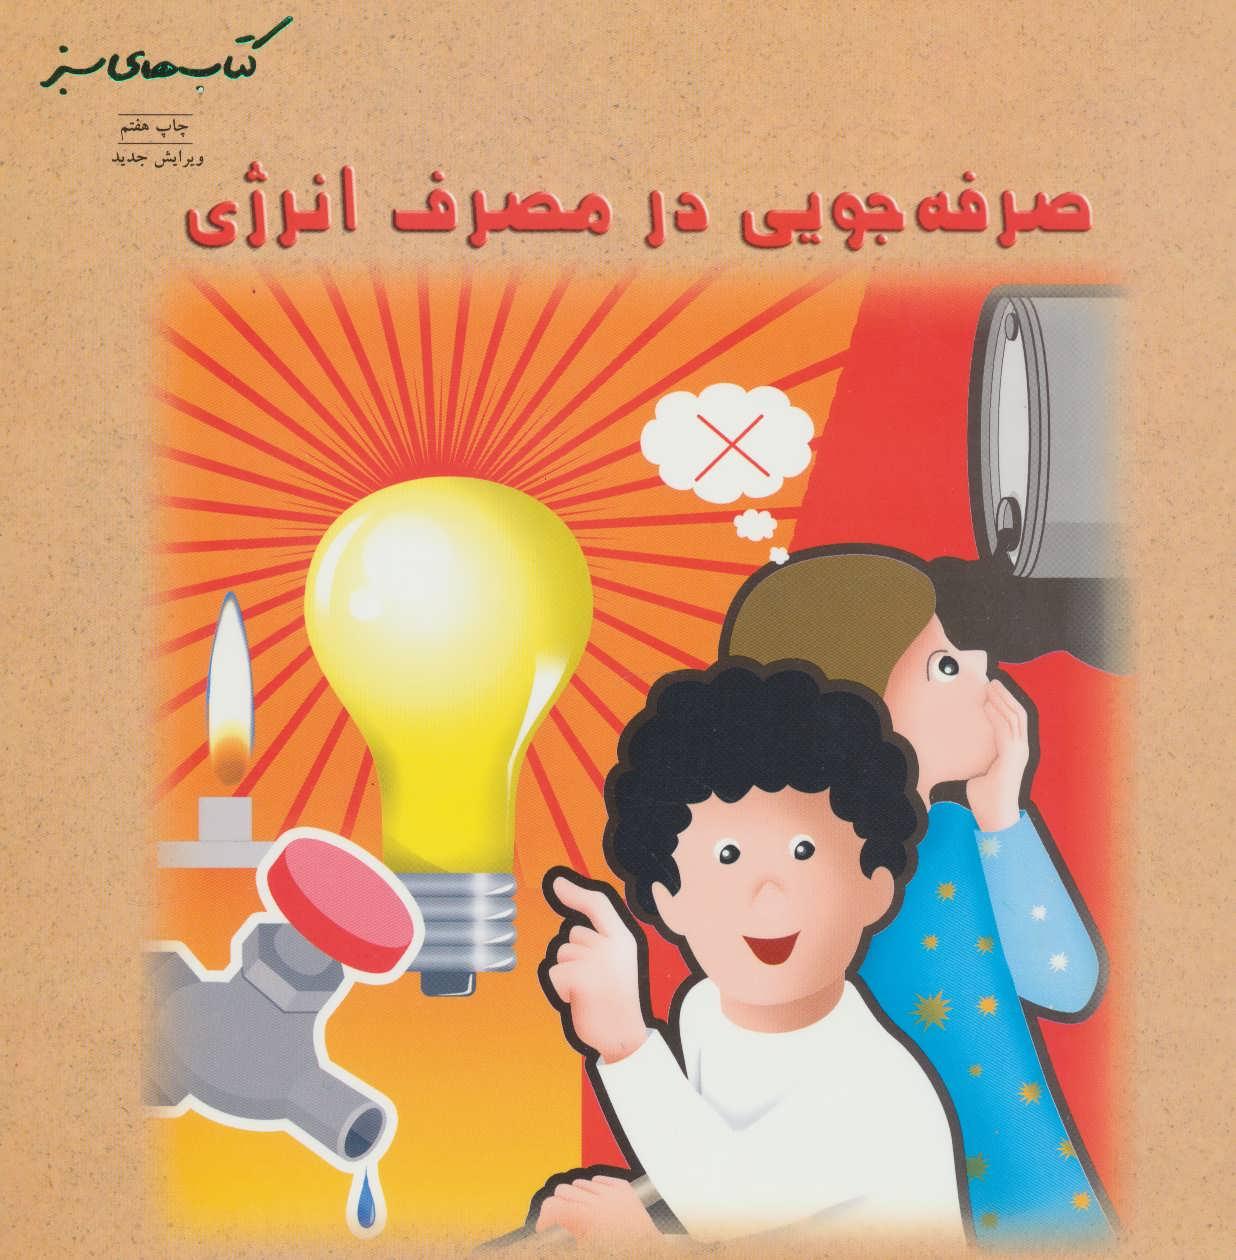 صرفه جویی در مصرف انرژی (کتاب های سبز)